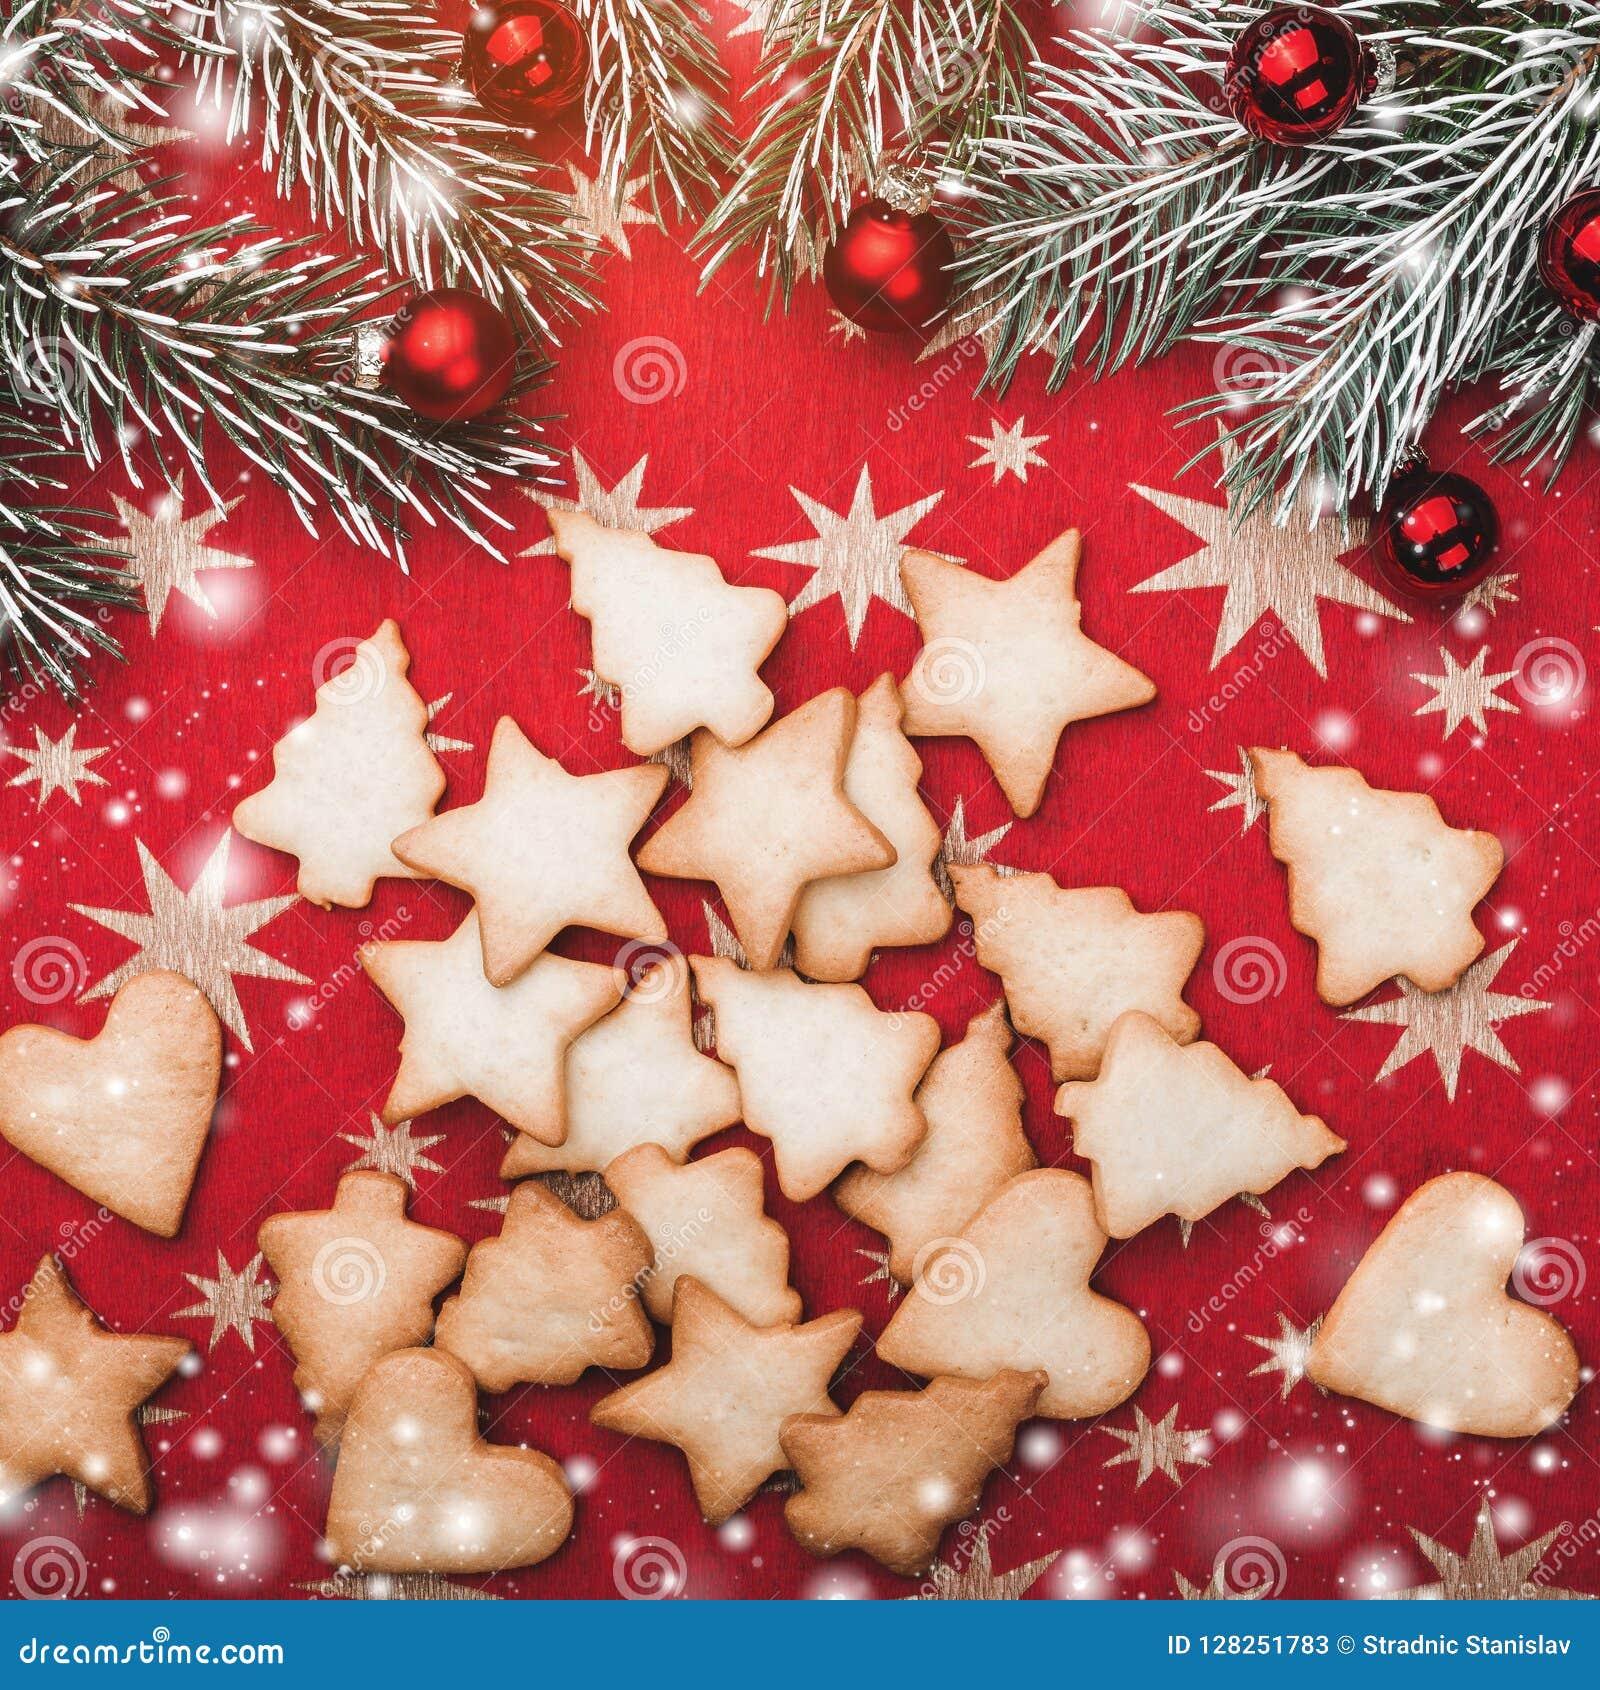 Поздравительная открытка Xmas, красная предпосылка с звездами с печеньями различных форм Ветви ели с красными шариками